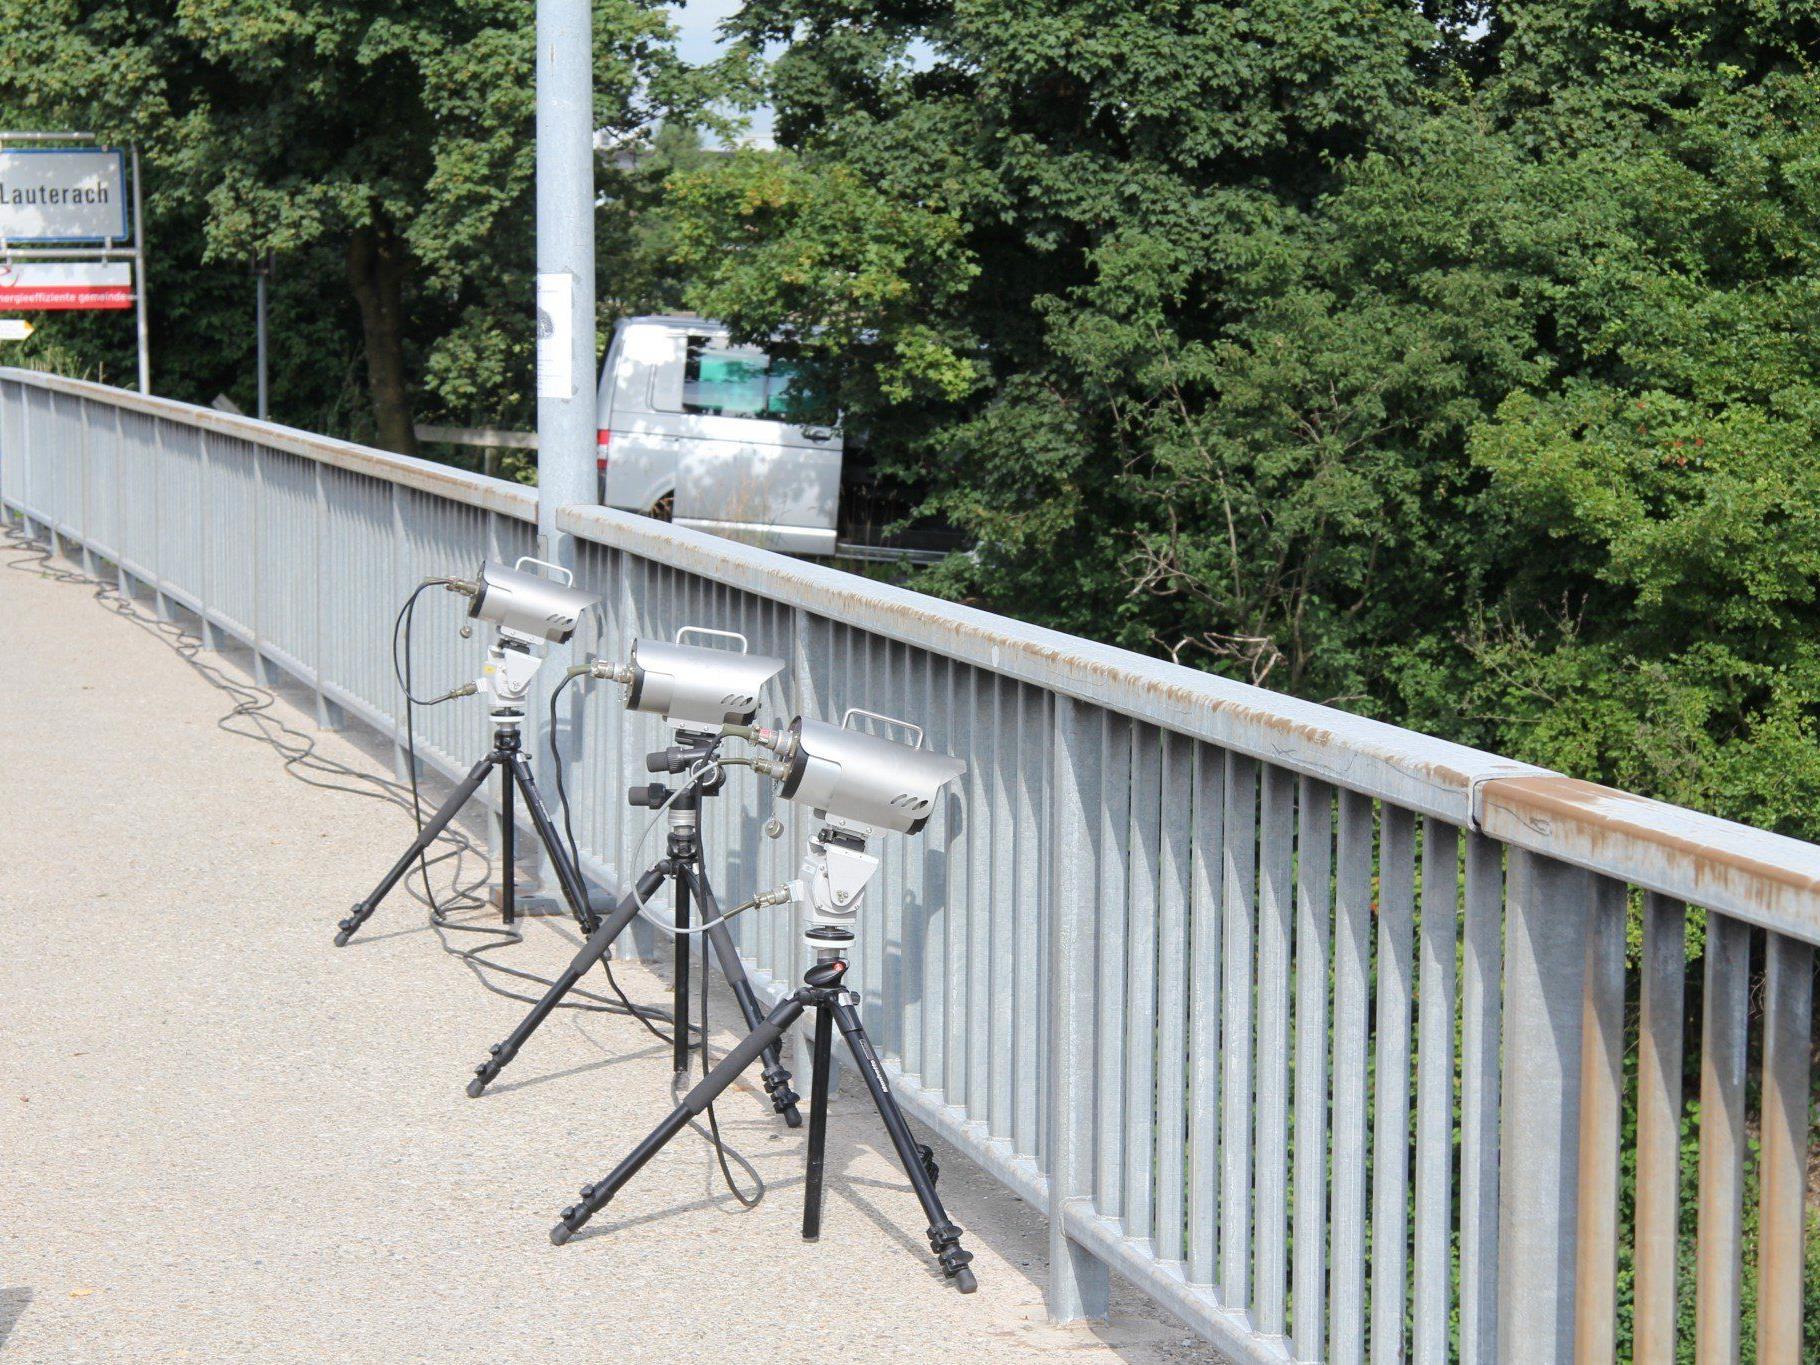 Die mobilen Geräte kontrollieren die Geschwindigkeit und den Abstand der Fahrzeuge.